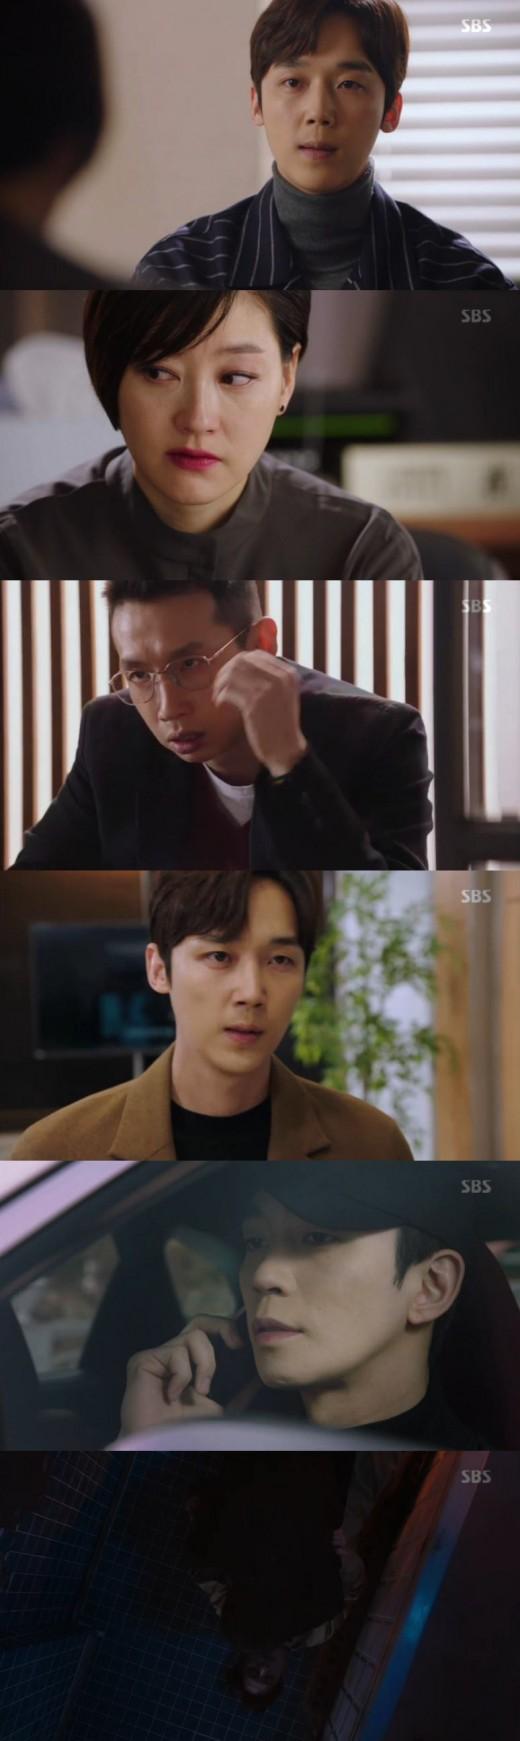 '리턴' 박기웅, 김동영 칼에 찔려 죽음 위기…윤종훈 자수行[종합]